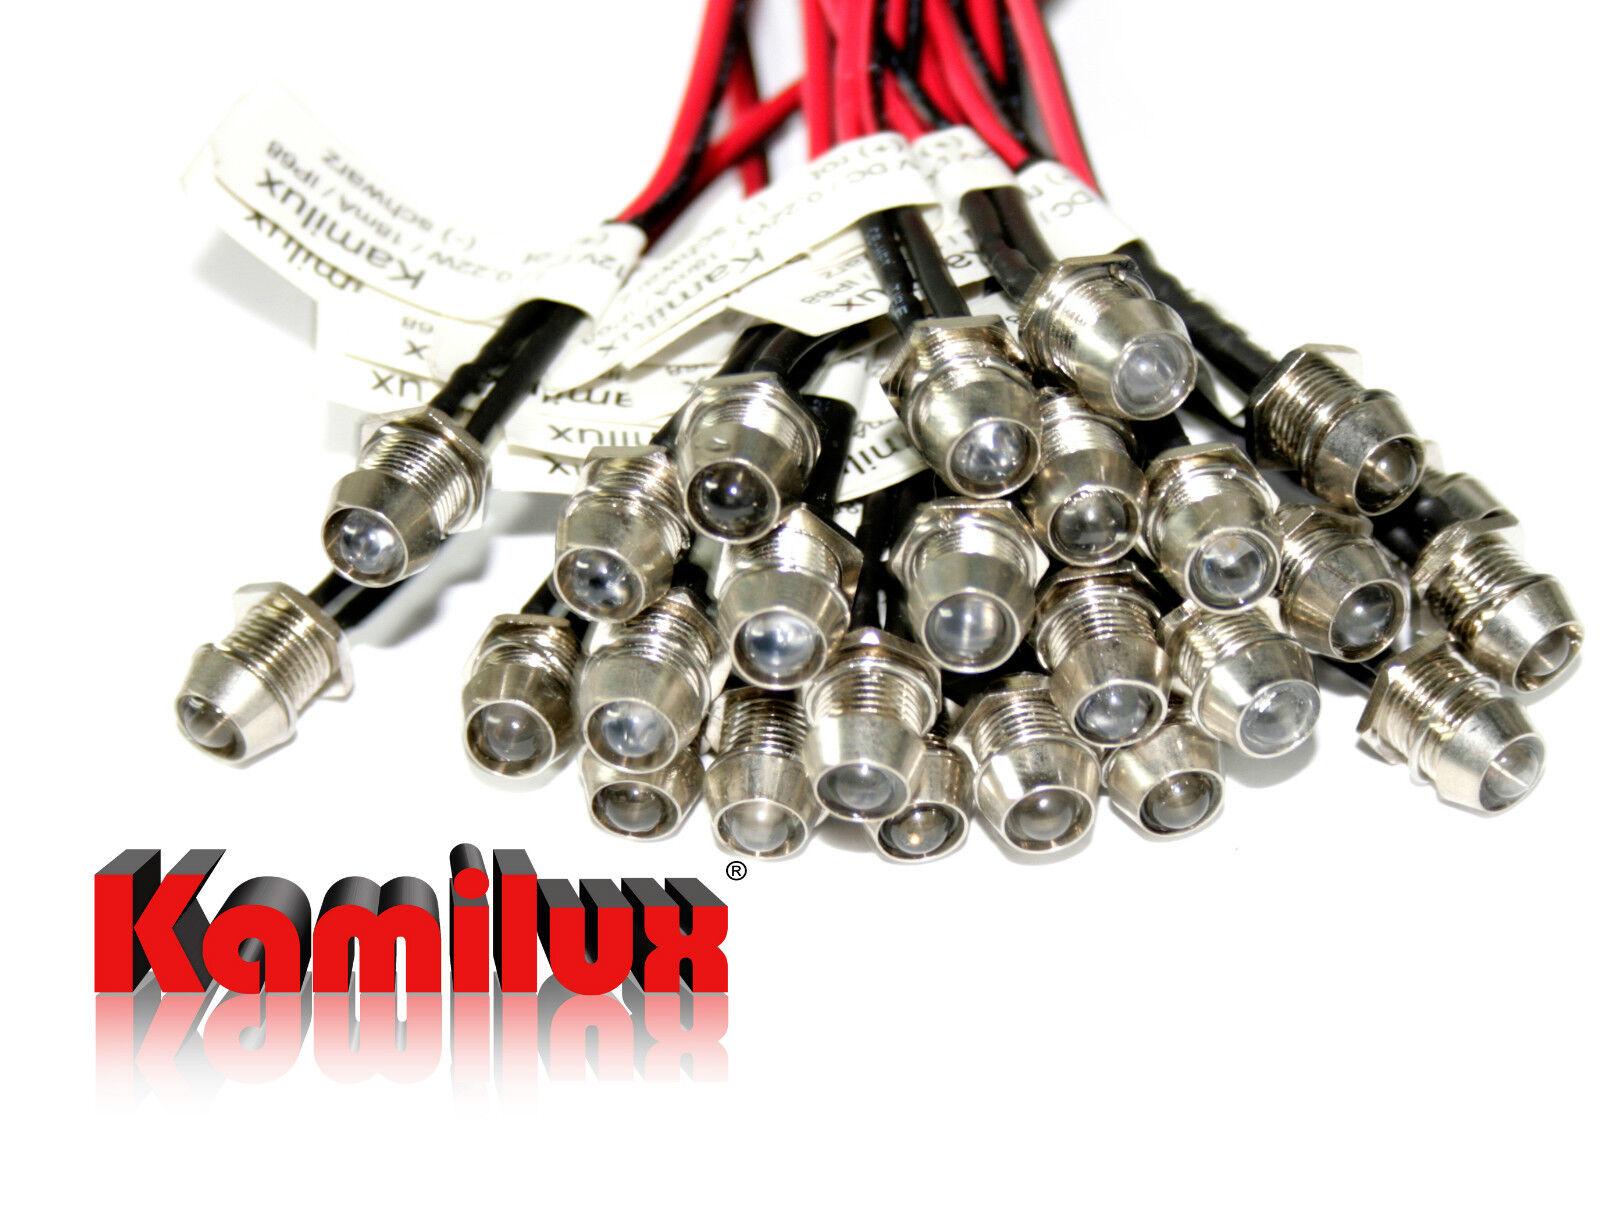 50x Edelstahl Feuchtraum LED Lichtpunkte 12V IP68 Sternenhimmel & LED-Netzgerät